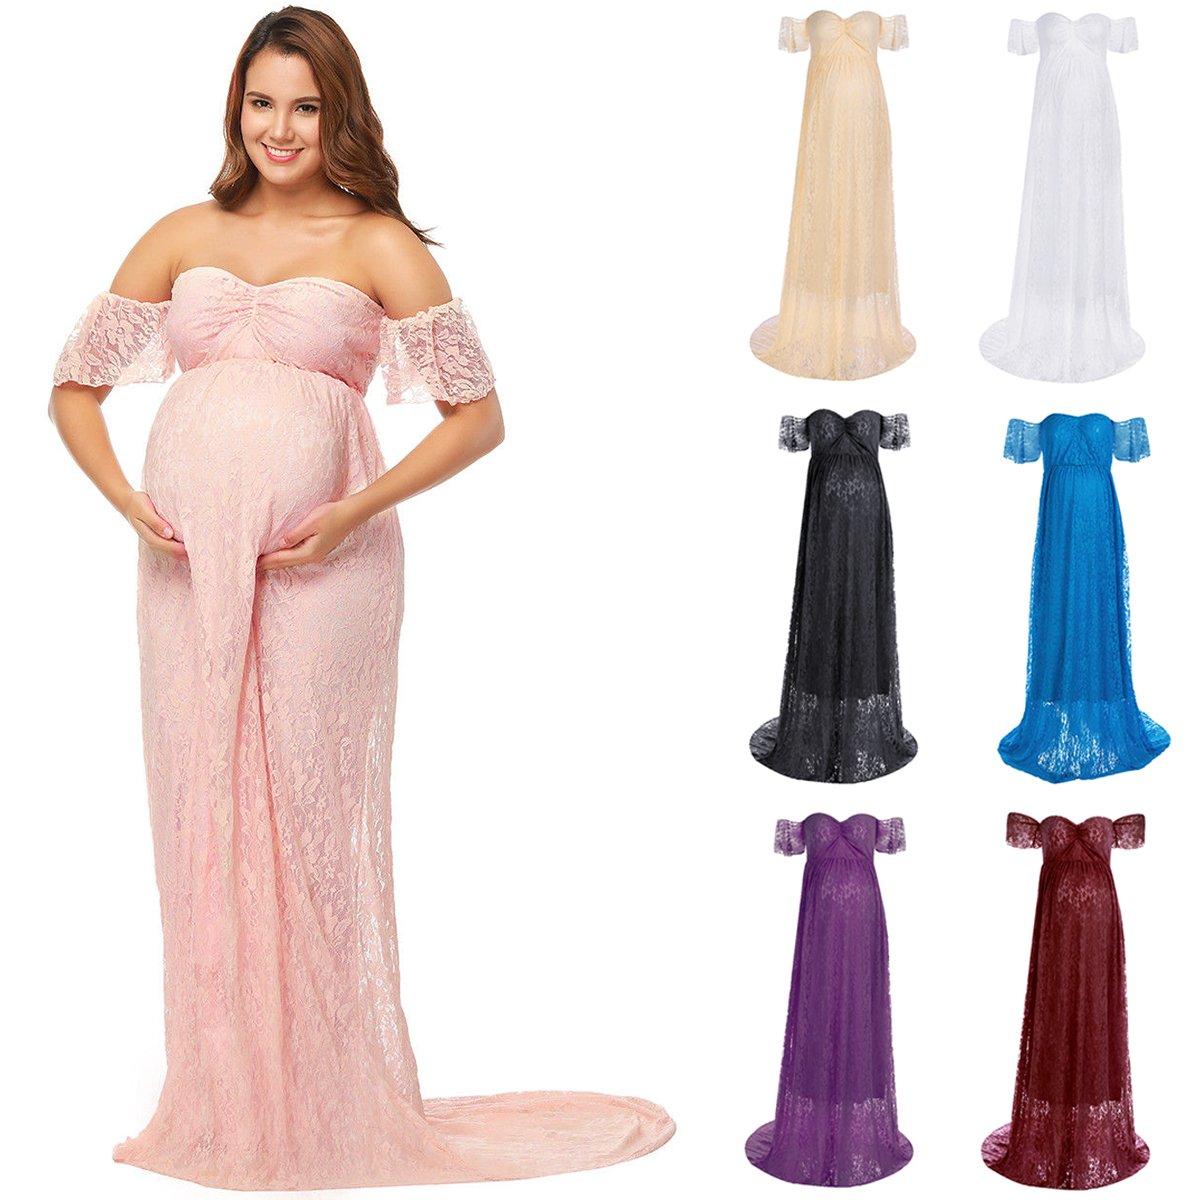 c3769ed1c IWEMEK Vestido de Maternidad Mujer Fiesta Largos Boda Mujer Embarazada  Encaje Floral Foto Shoot Vestidos Faldas Ampliar imagen